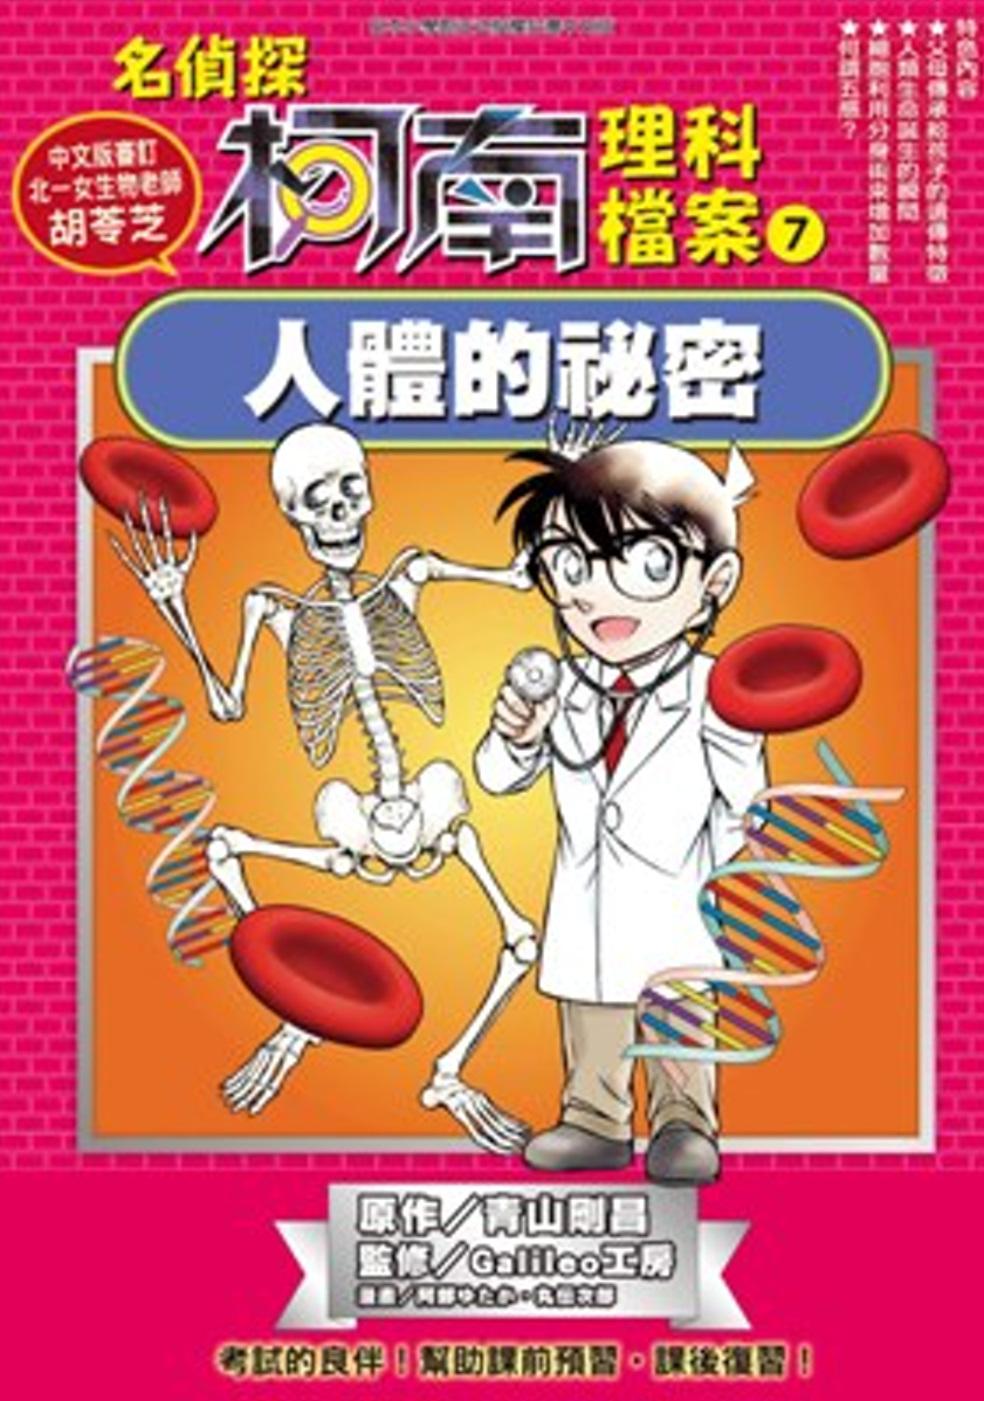 名偵探柯南理科檔案(07)人體...